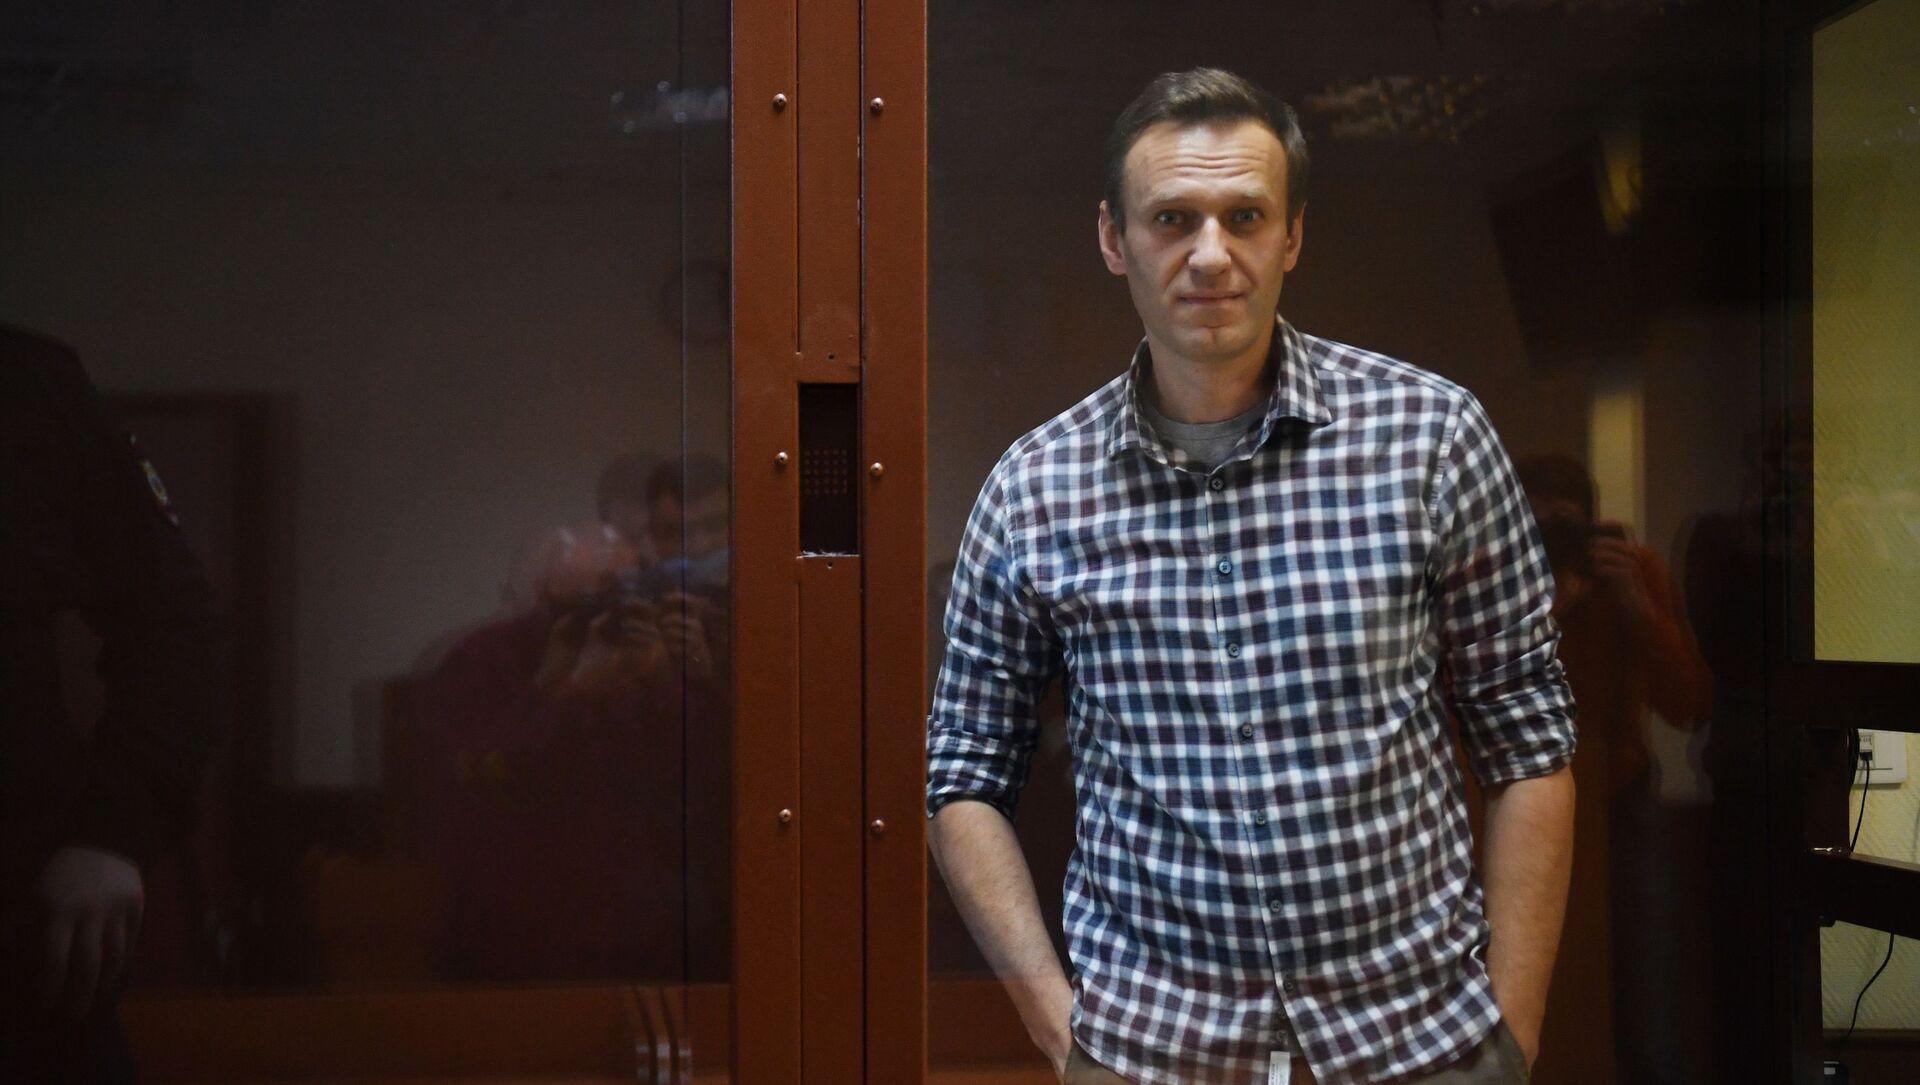 Alexeï Navalny lors de son procès dans le cadre de l'affaire Yves Rocher - Sputnik France, 1920, 02.03.2021